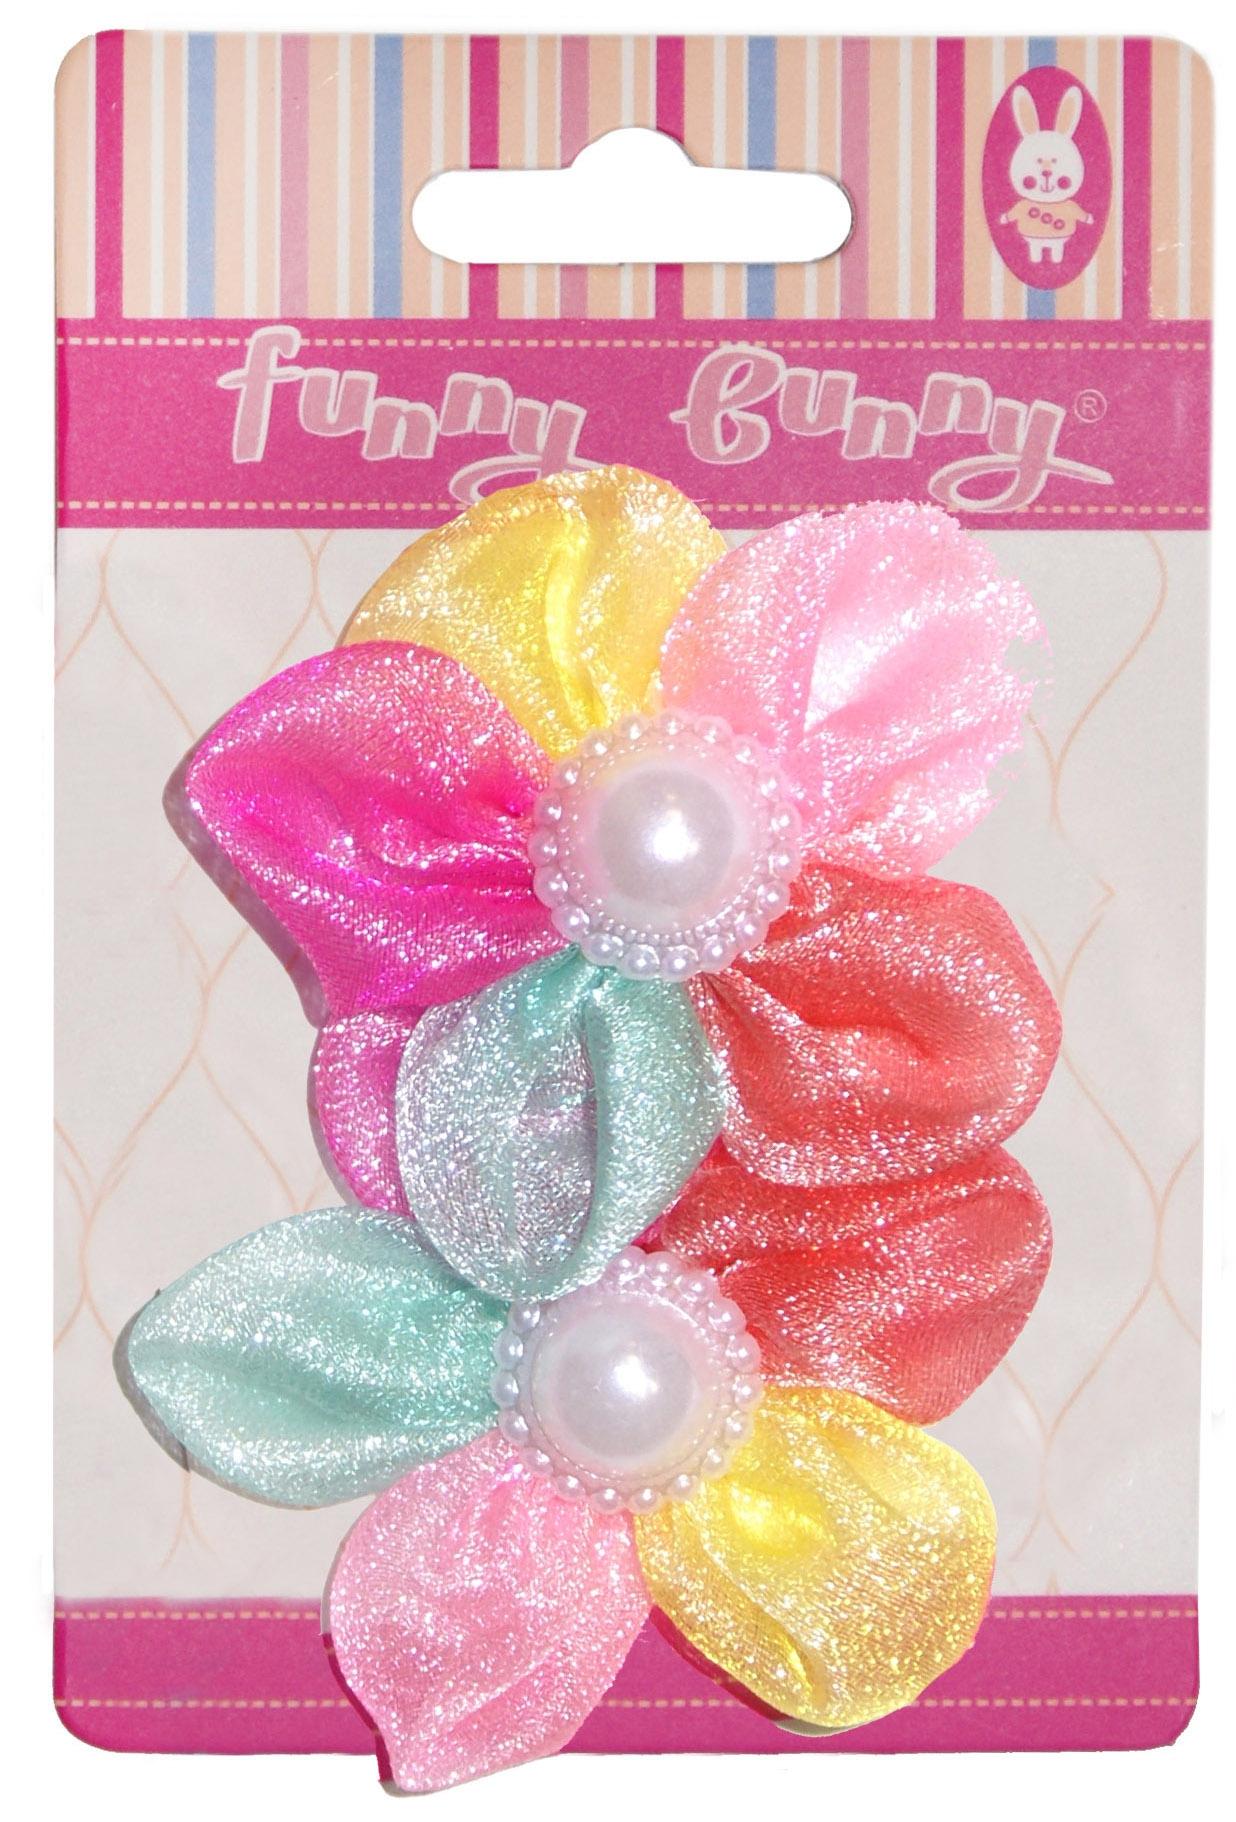 Украшения Funny Bunny Резинка для волоc Funny Bunny текстиль большая 2 шт. в ассортименте невидимка для волос funny bunny розовые цветы 2 шт